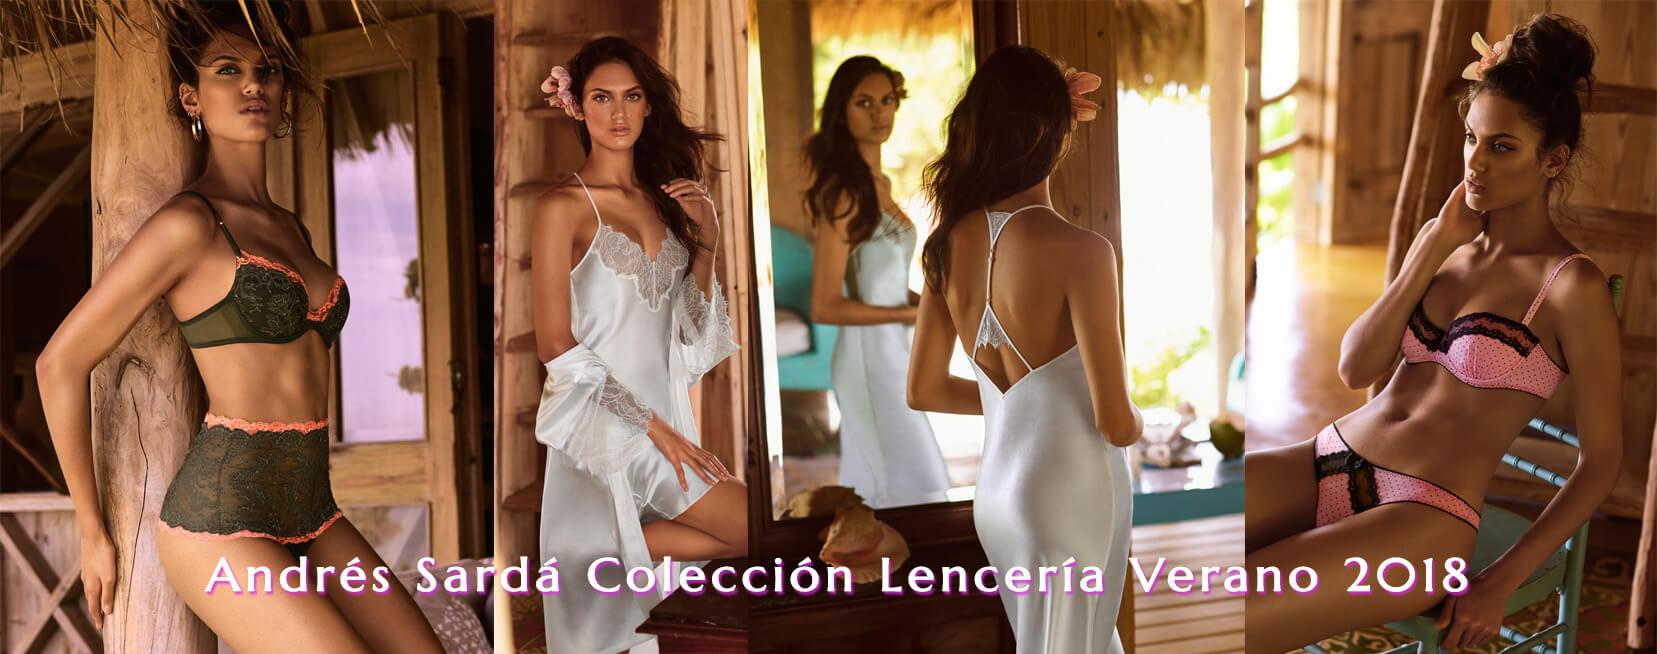 Andres Sarda coleccion Verano 2018